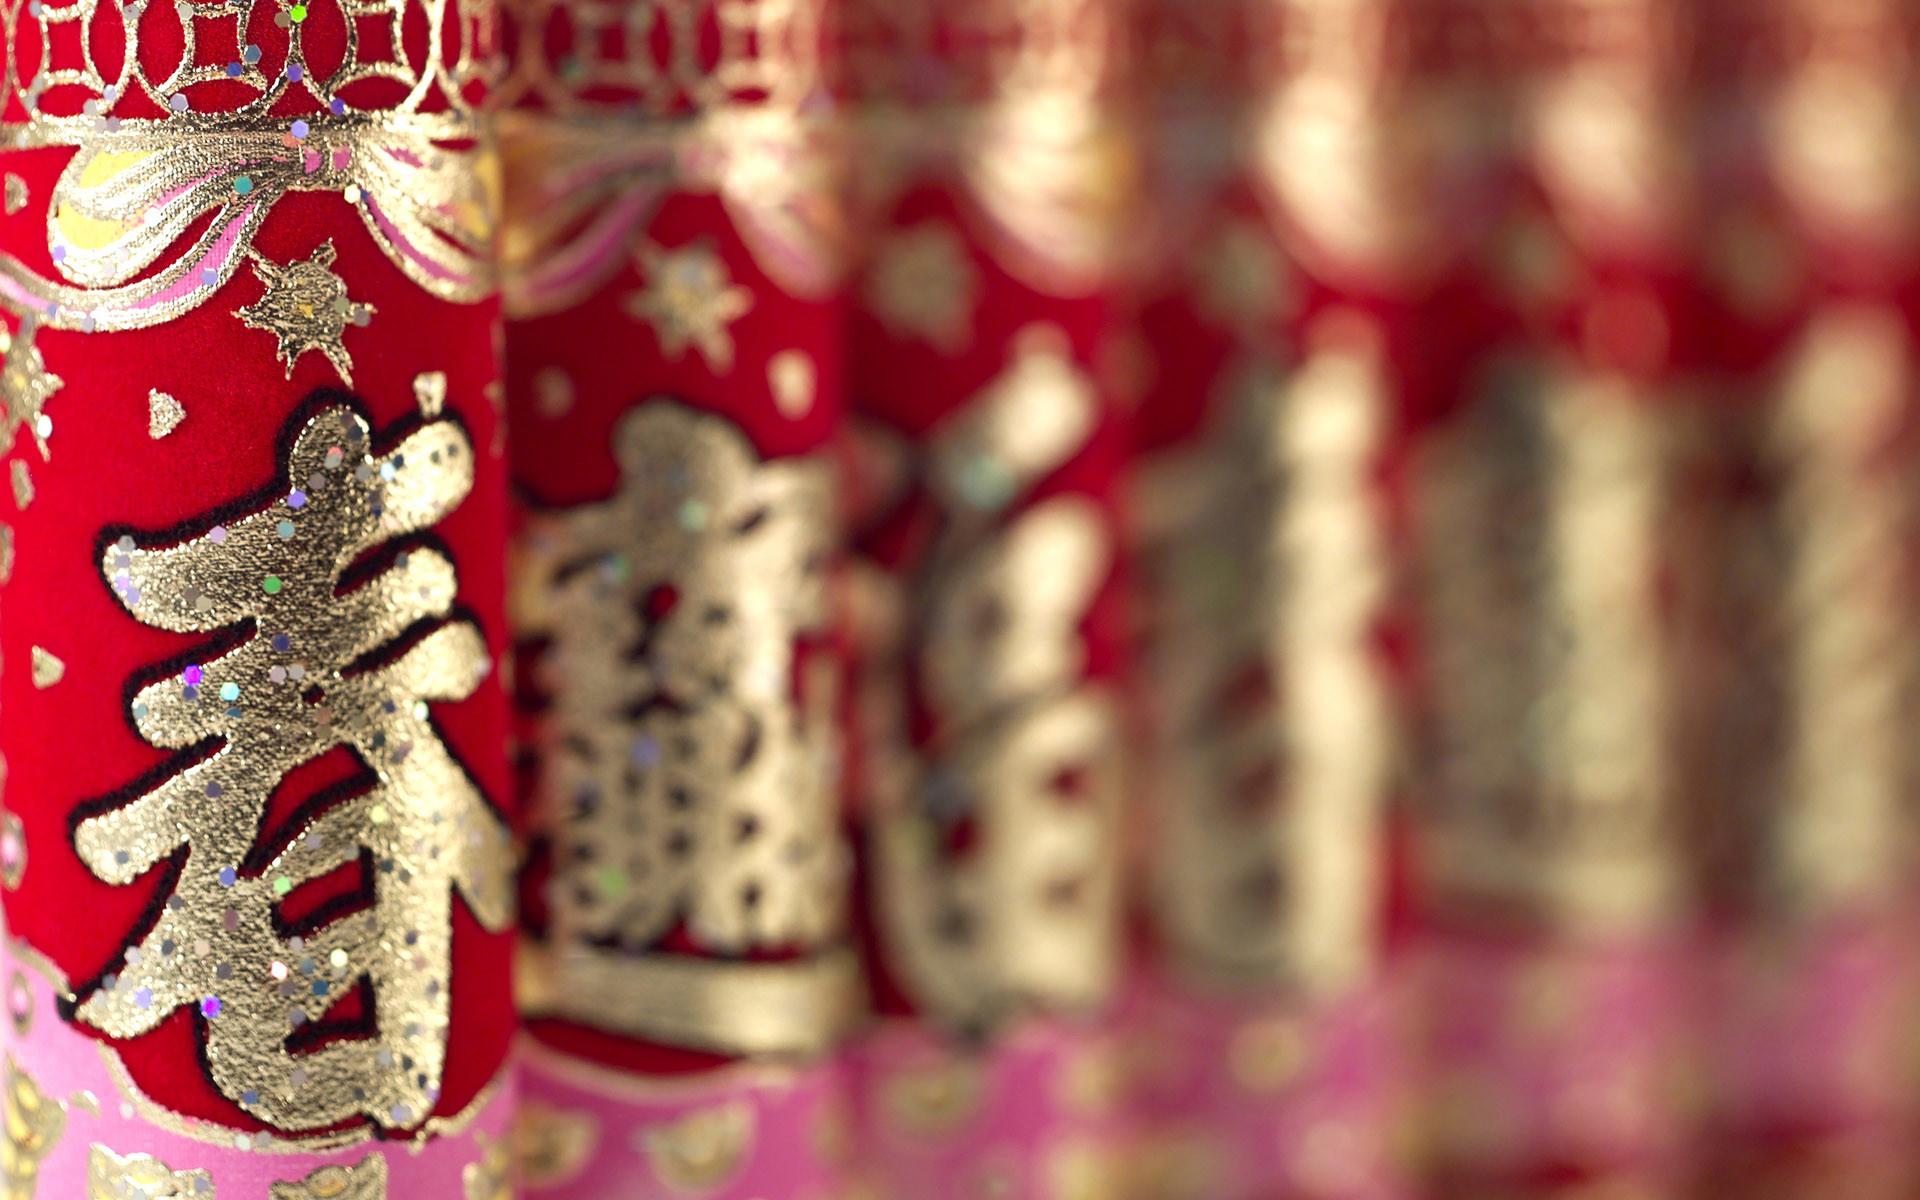 chinese new year widewcreen wallpaper chinese new year widewcreen